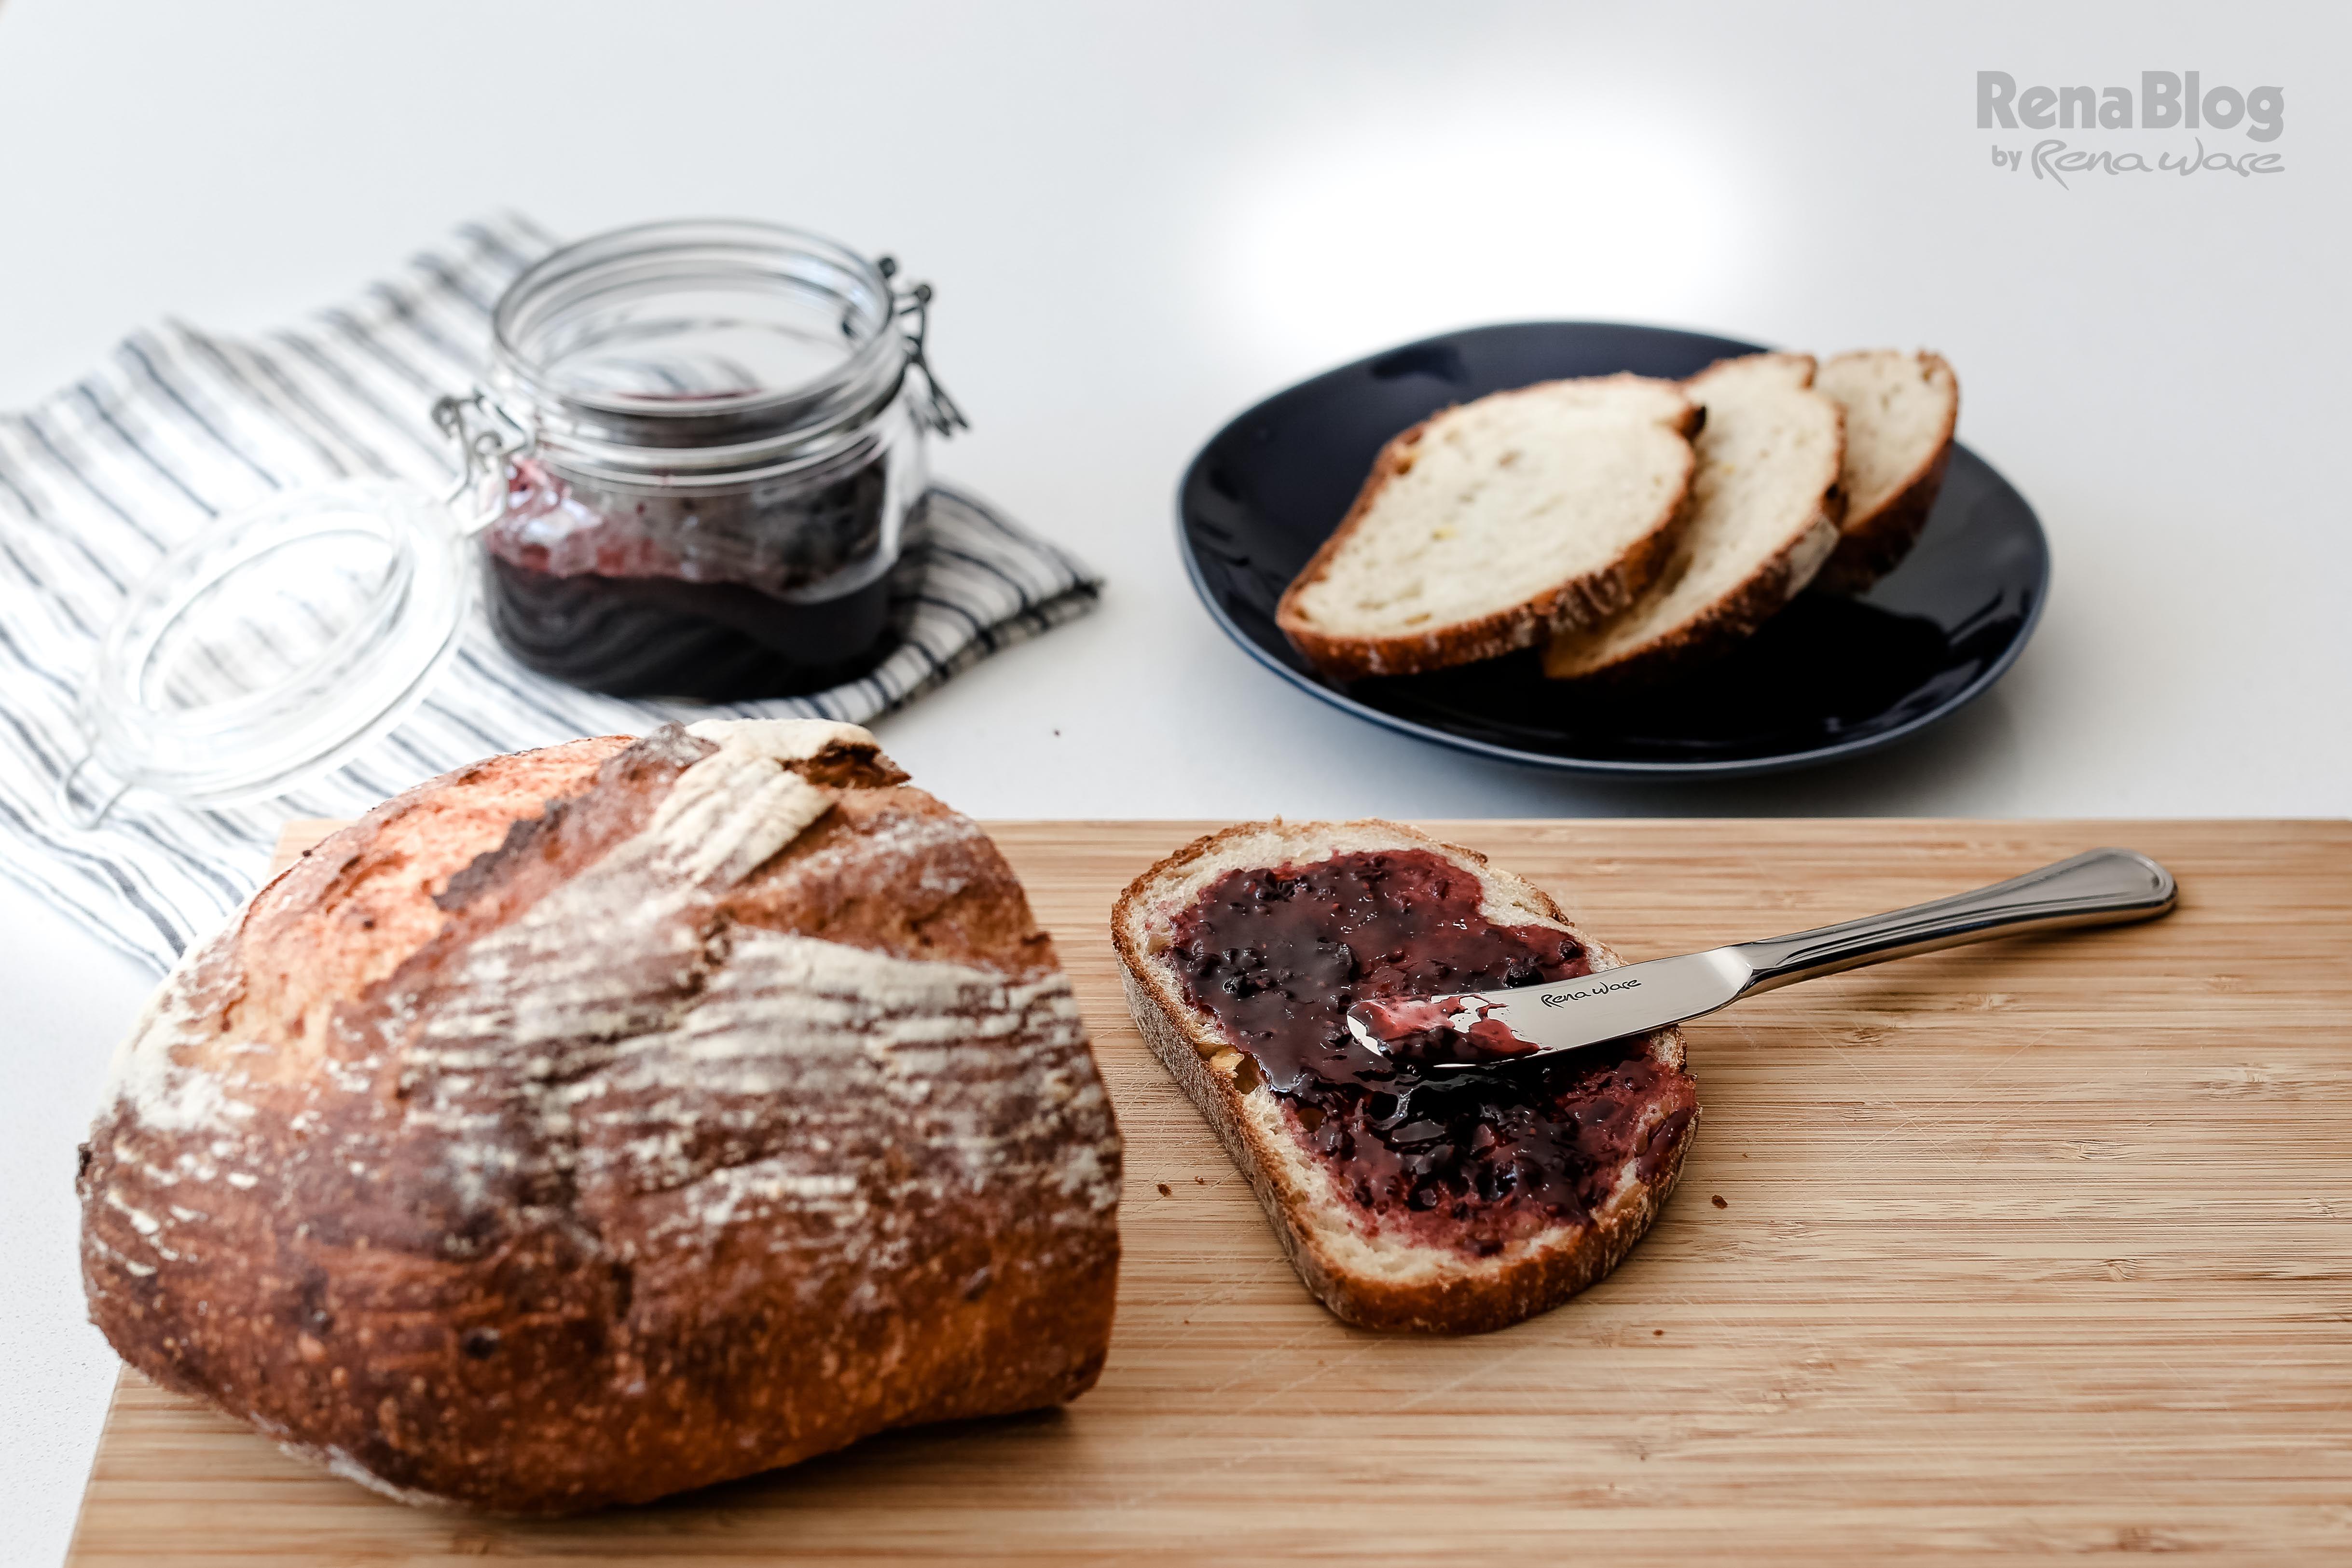 Cuchillo para mantequilla del Juego de Cubiertos Mónaco de Rena Ware, ideal para untar mermelada.